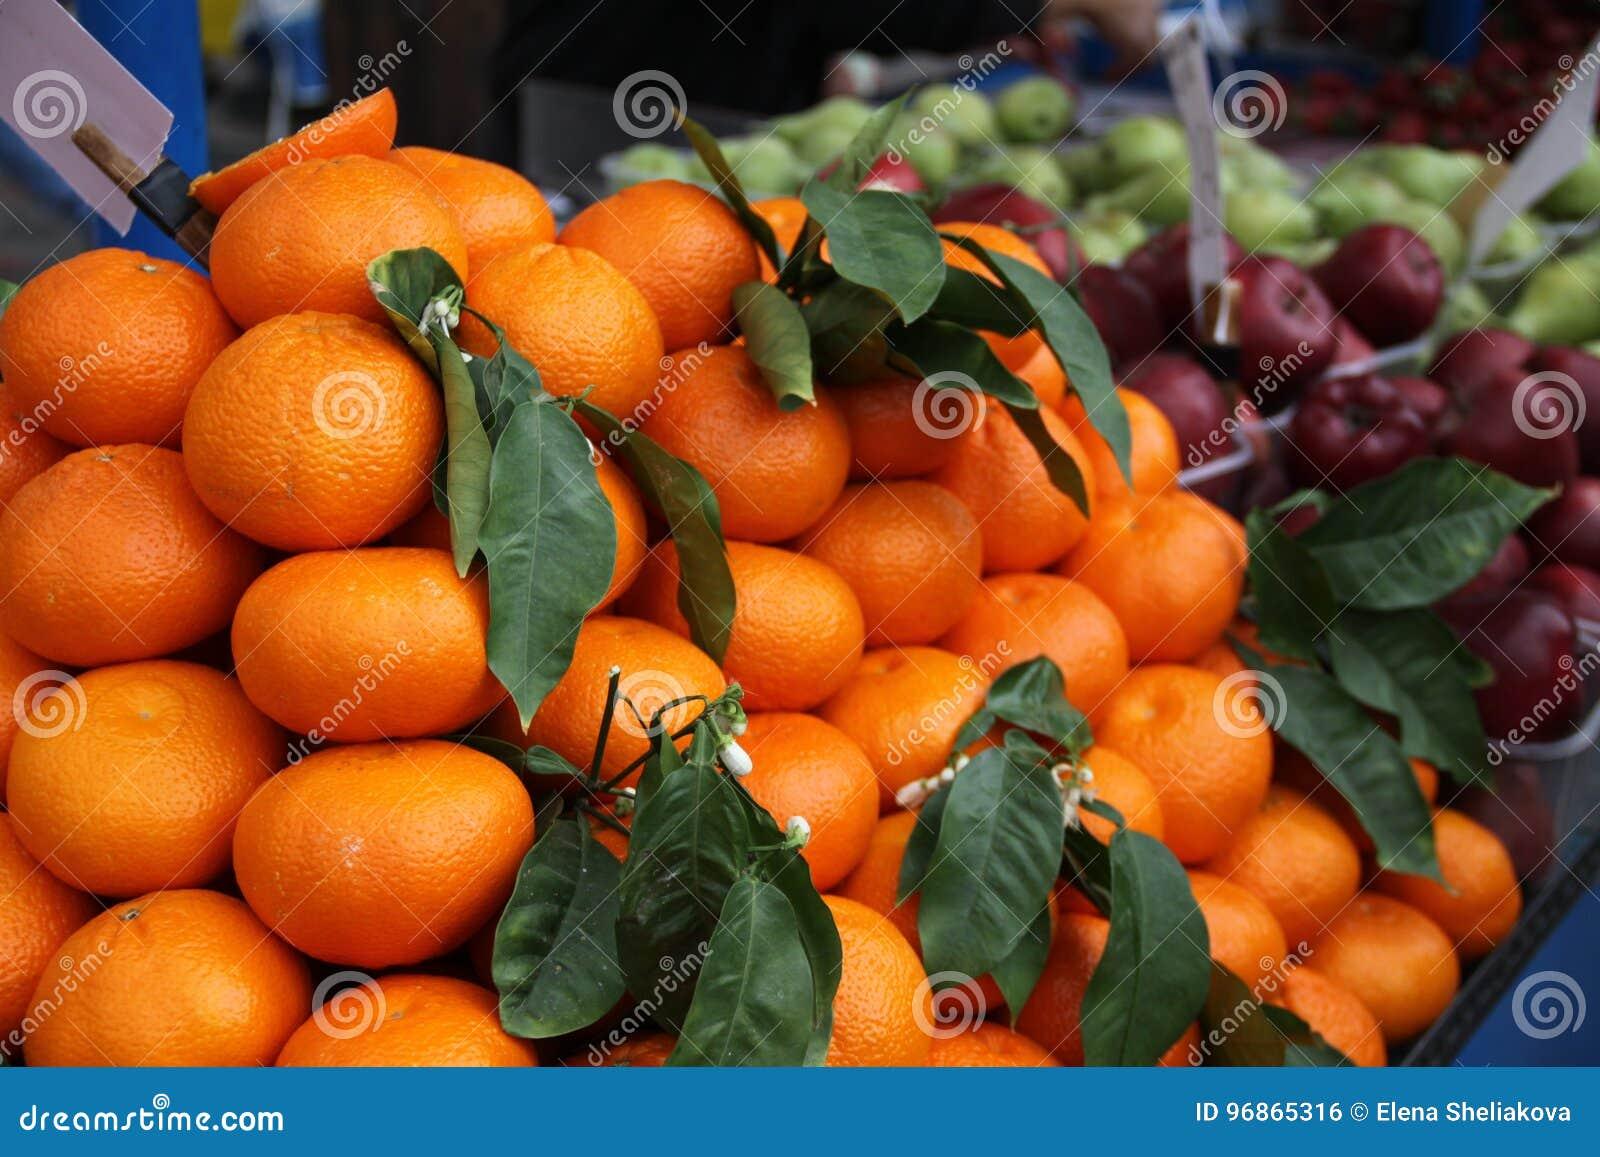 Orangen und Äpfel in einem griechischen Markt